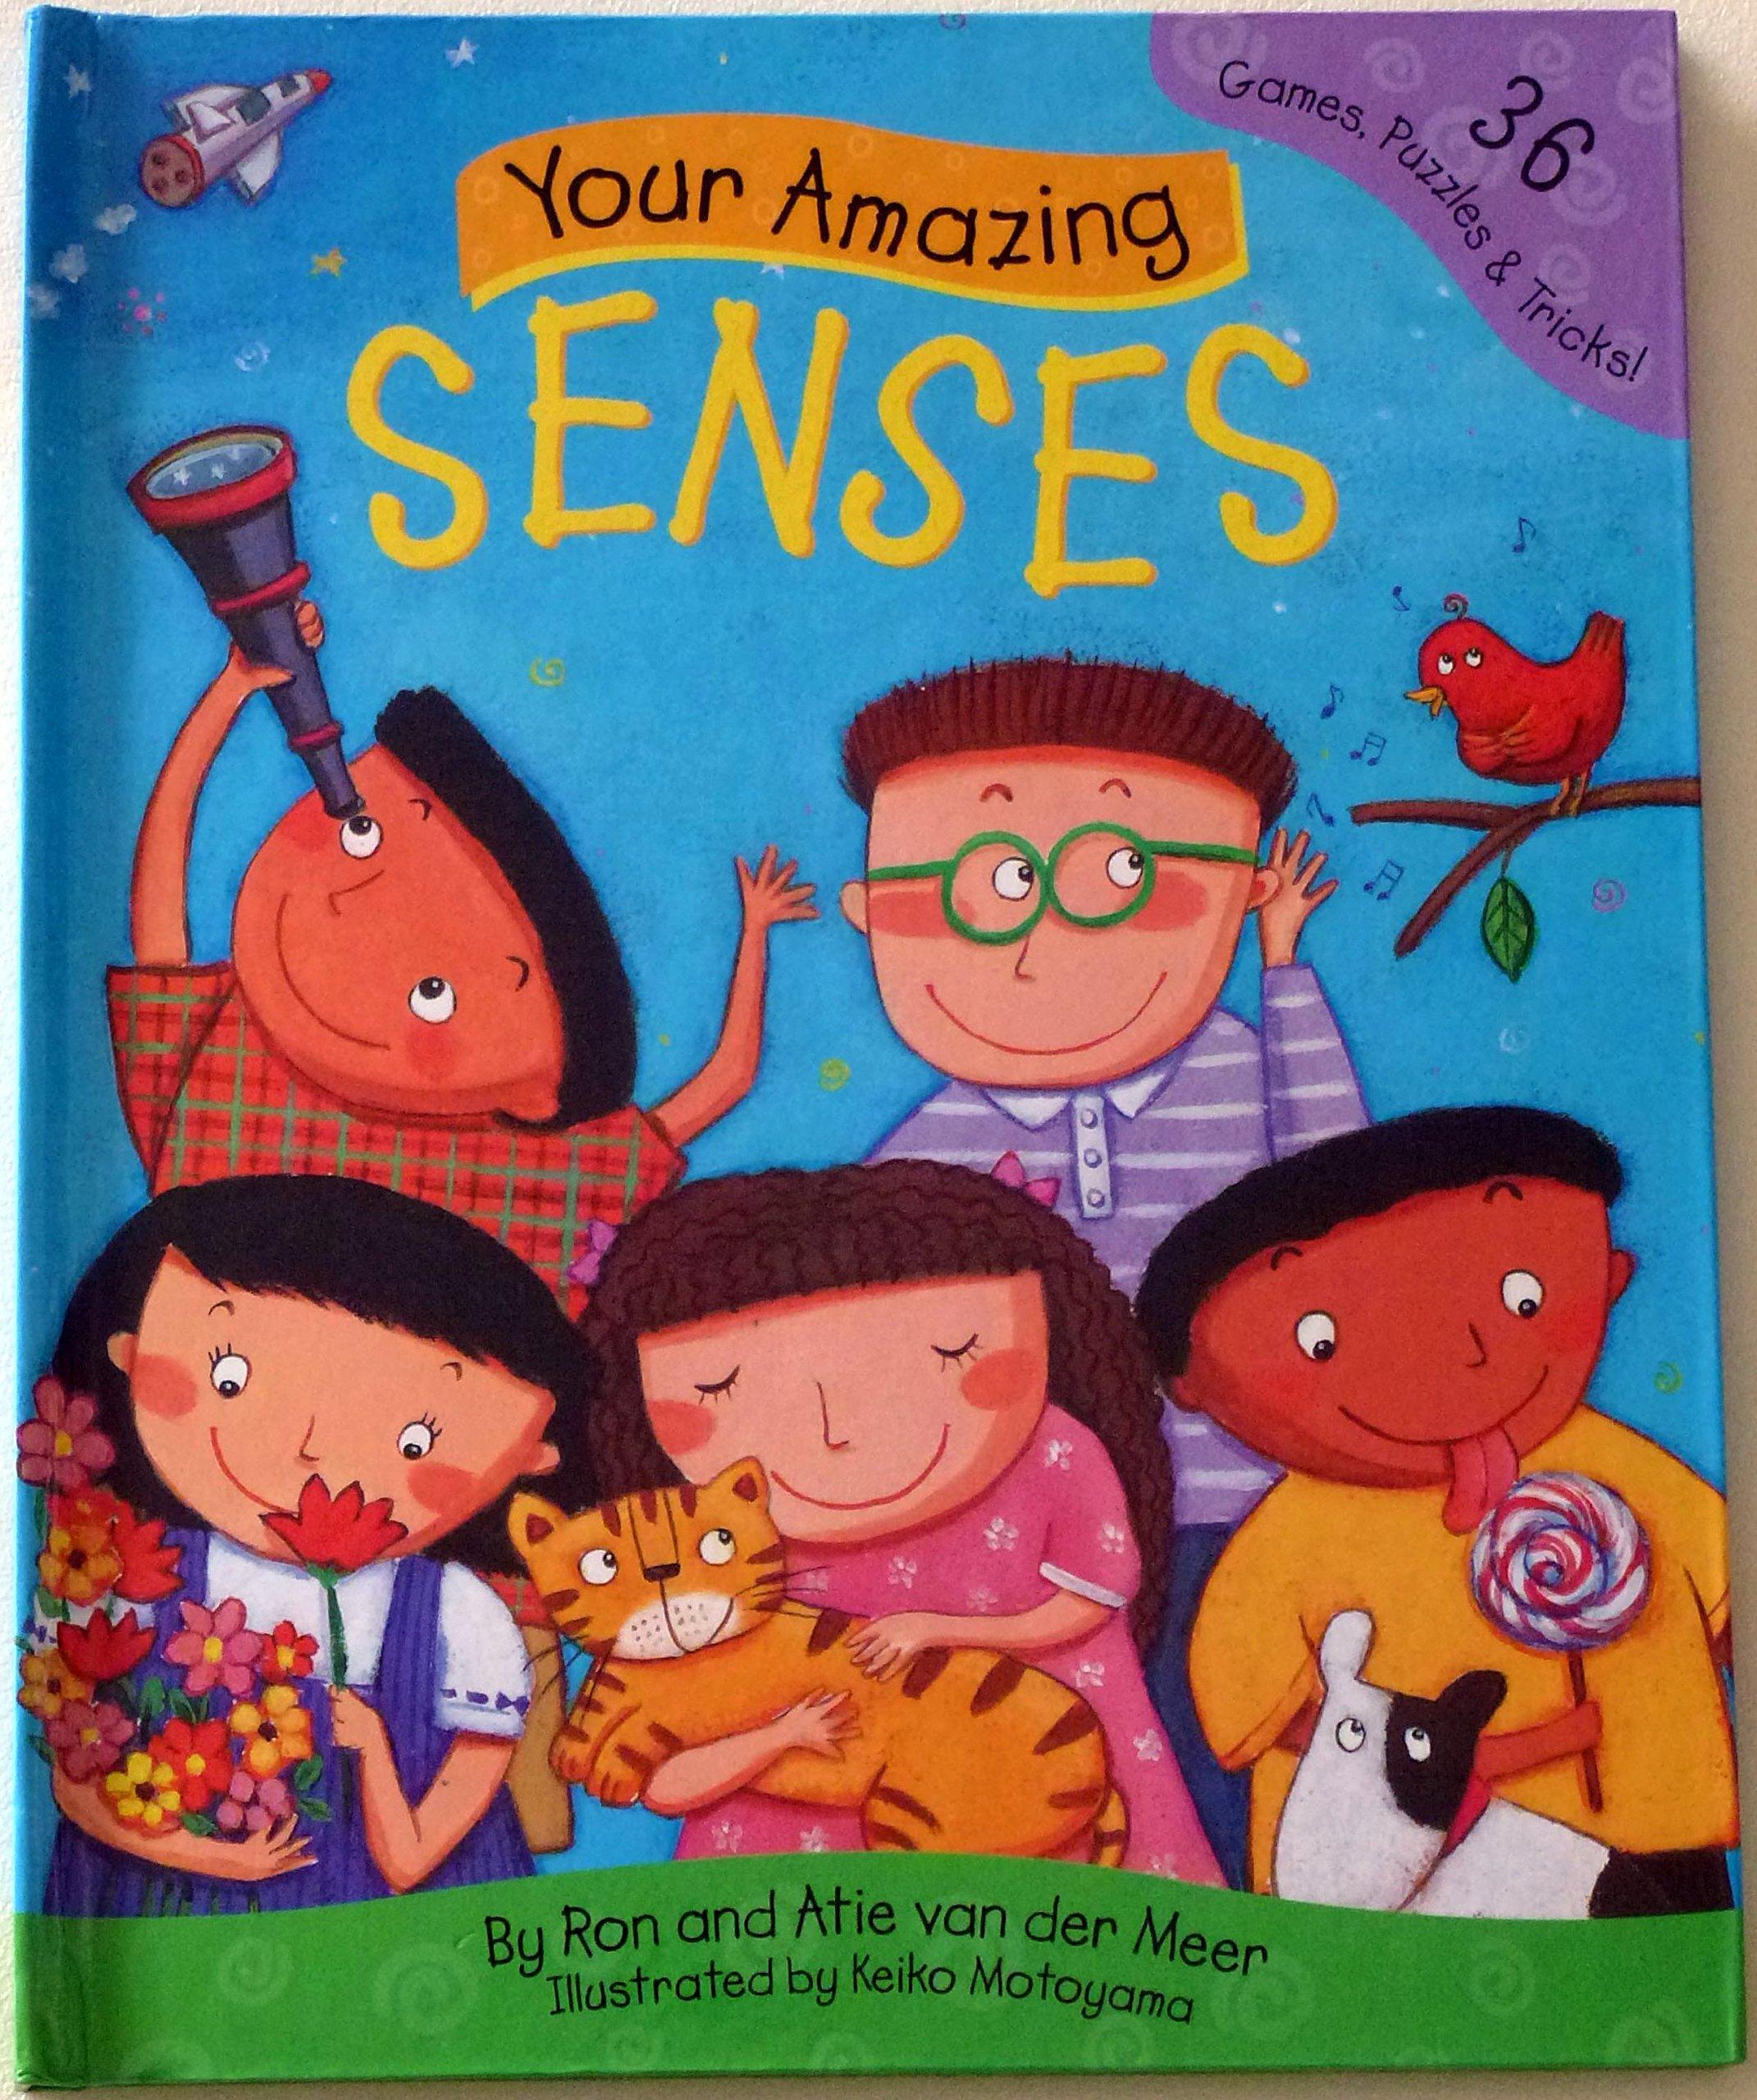 Your Amazing Senses: 36 Games, Puzzles & Tricks: Amazon.es